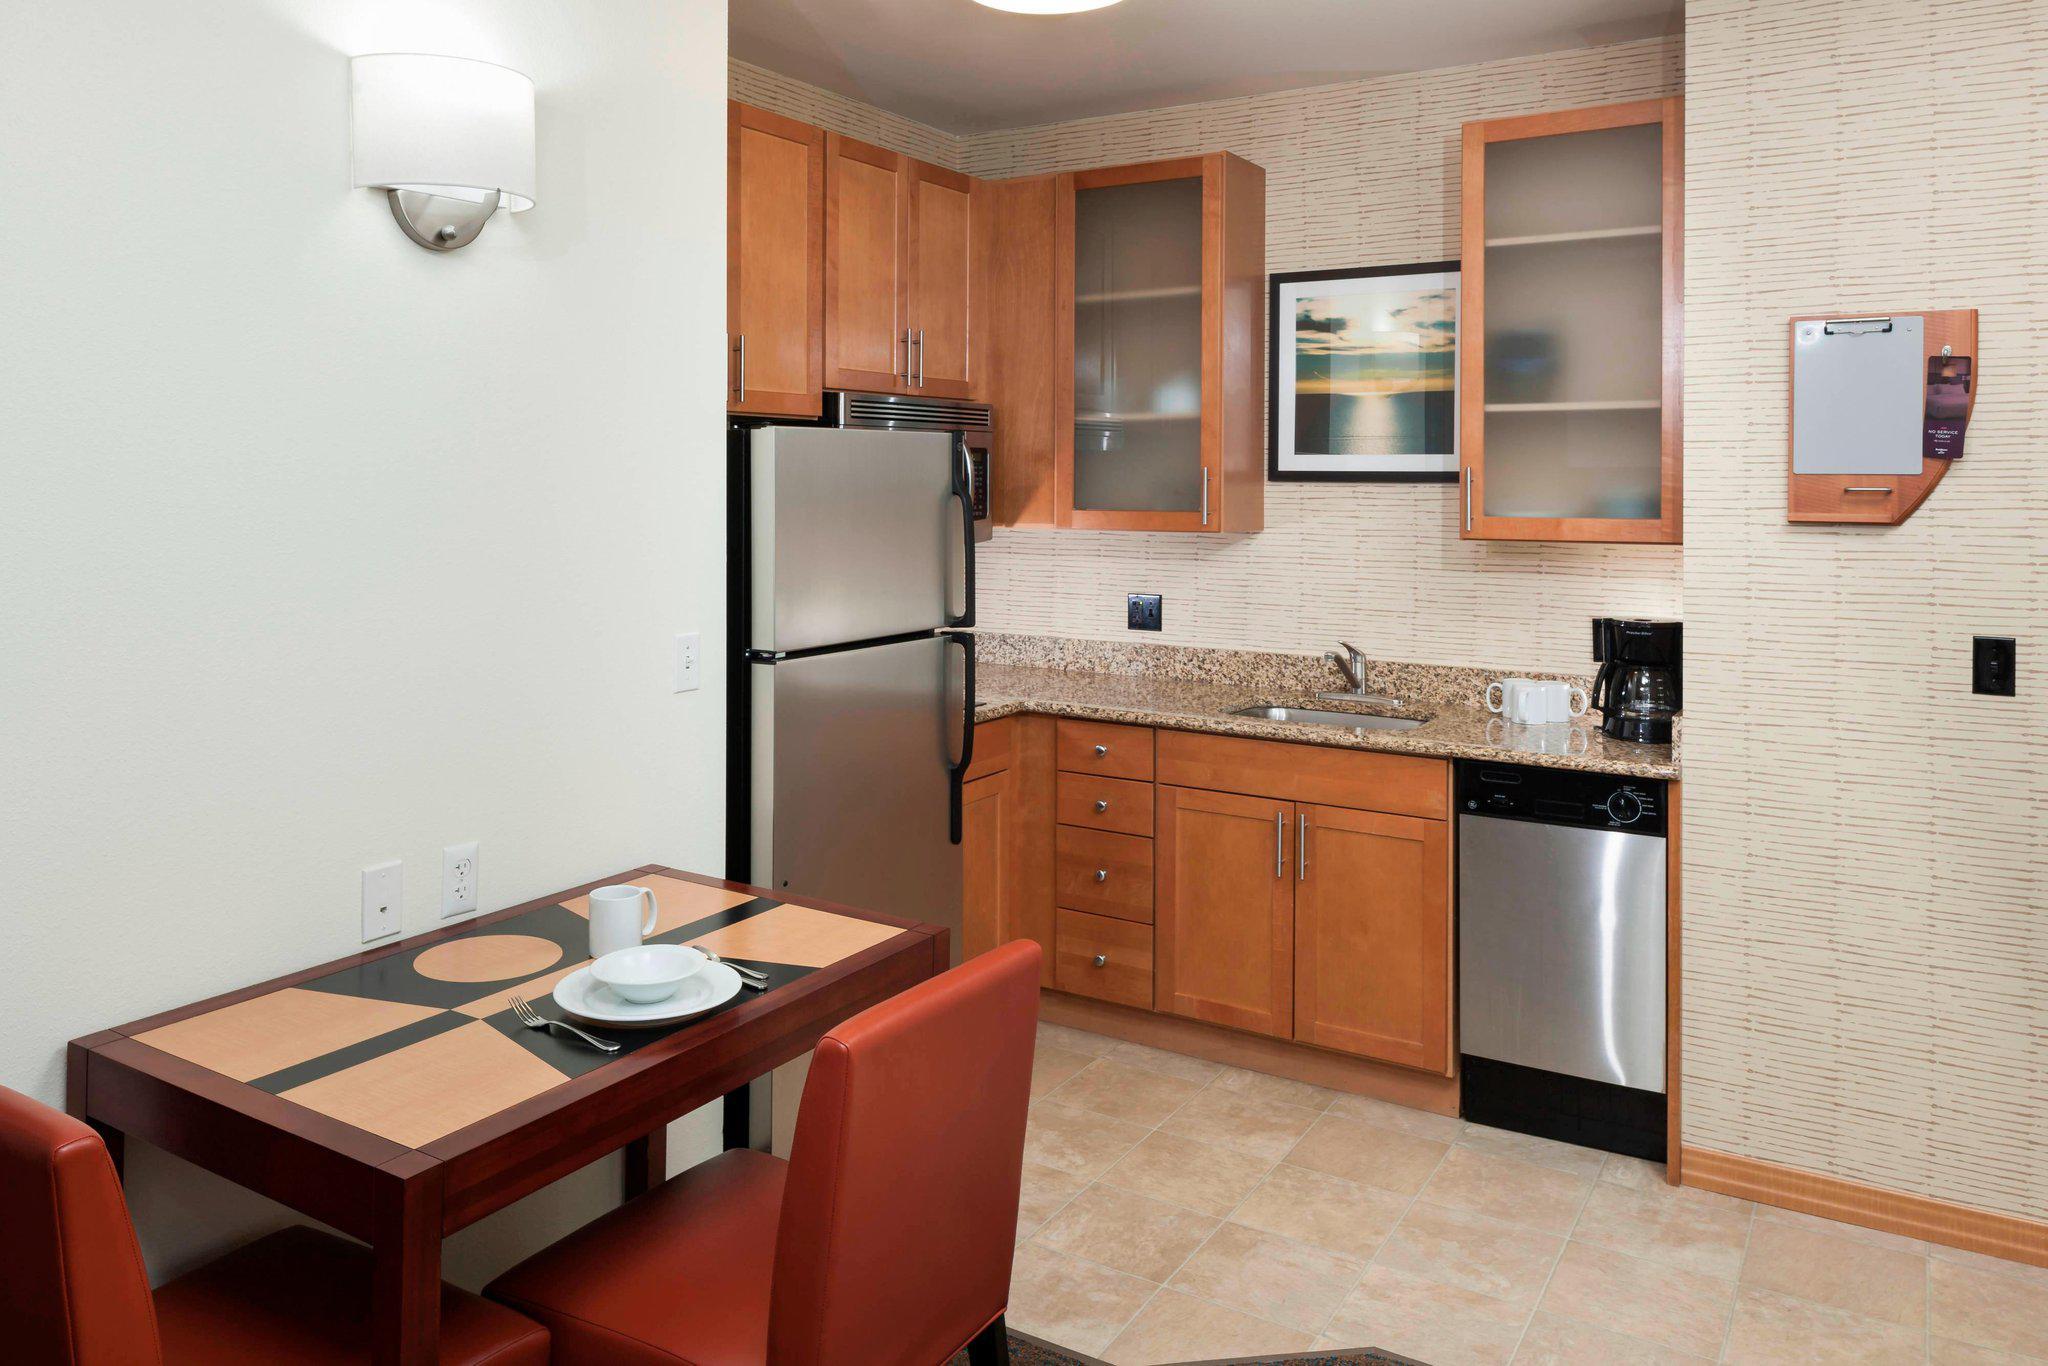 Residence Inn by Marriott Chicago Lake Forest/Mettawa